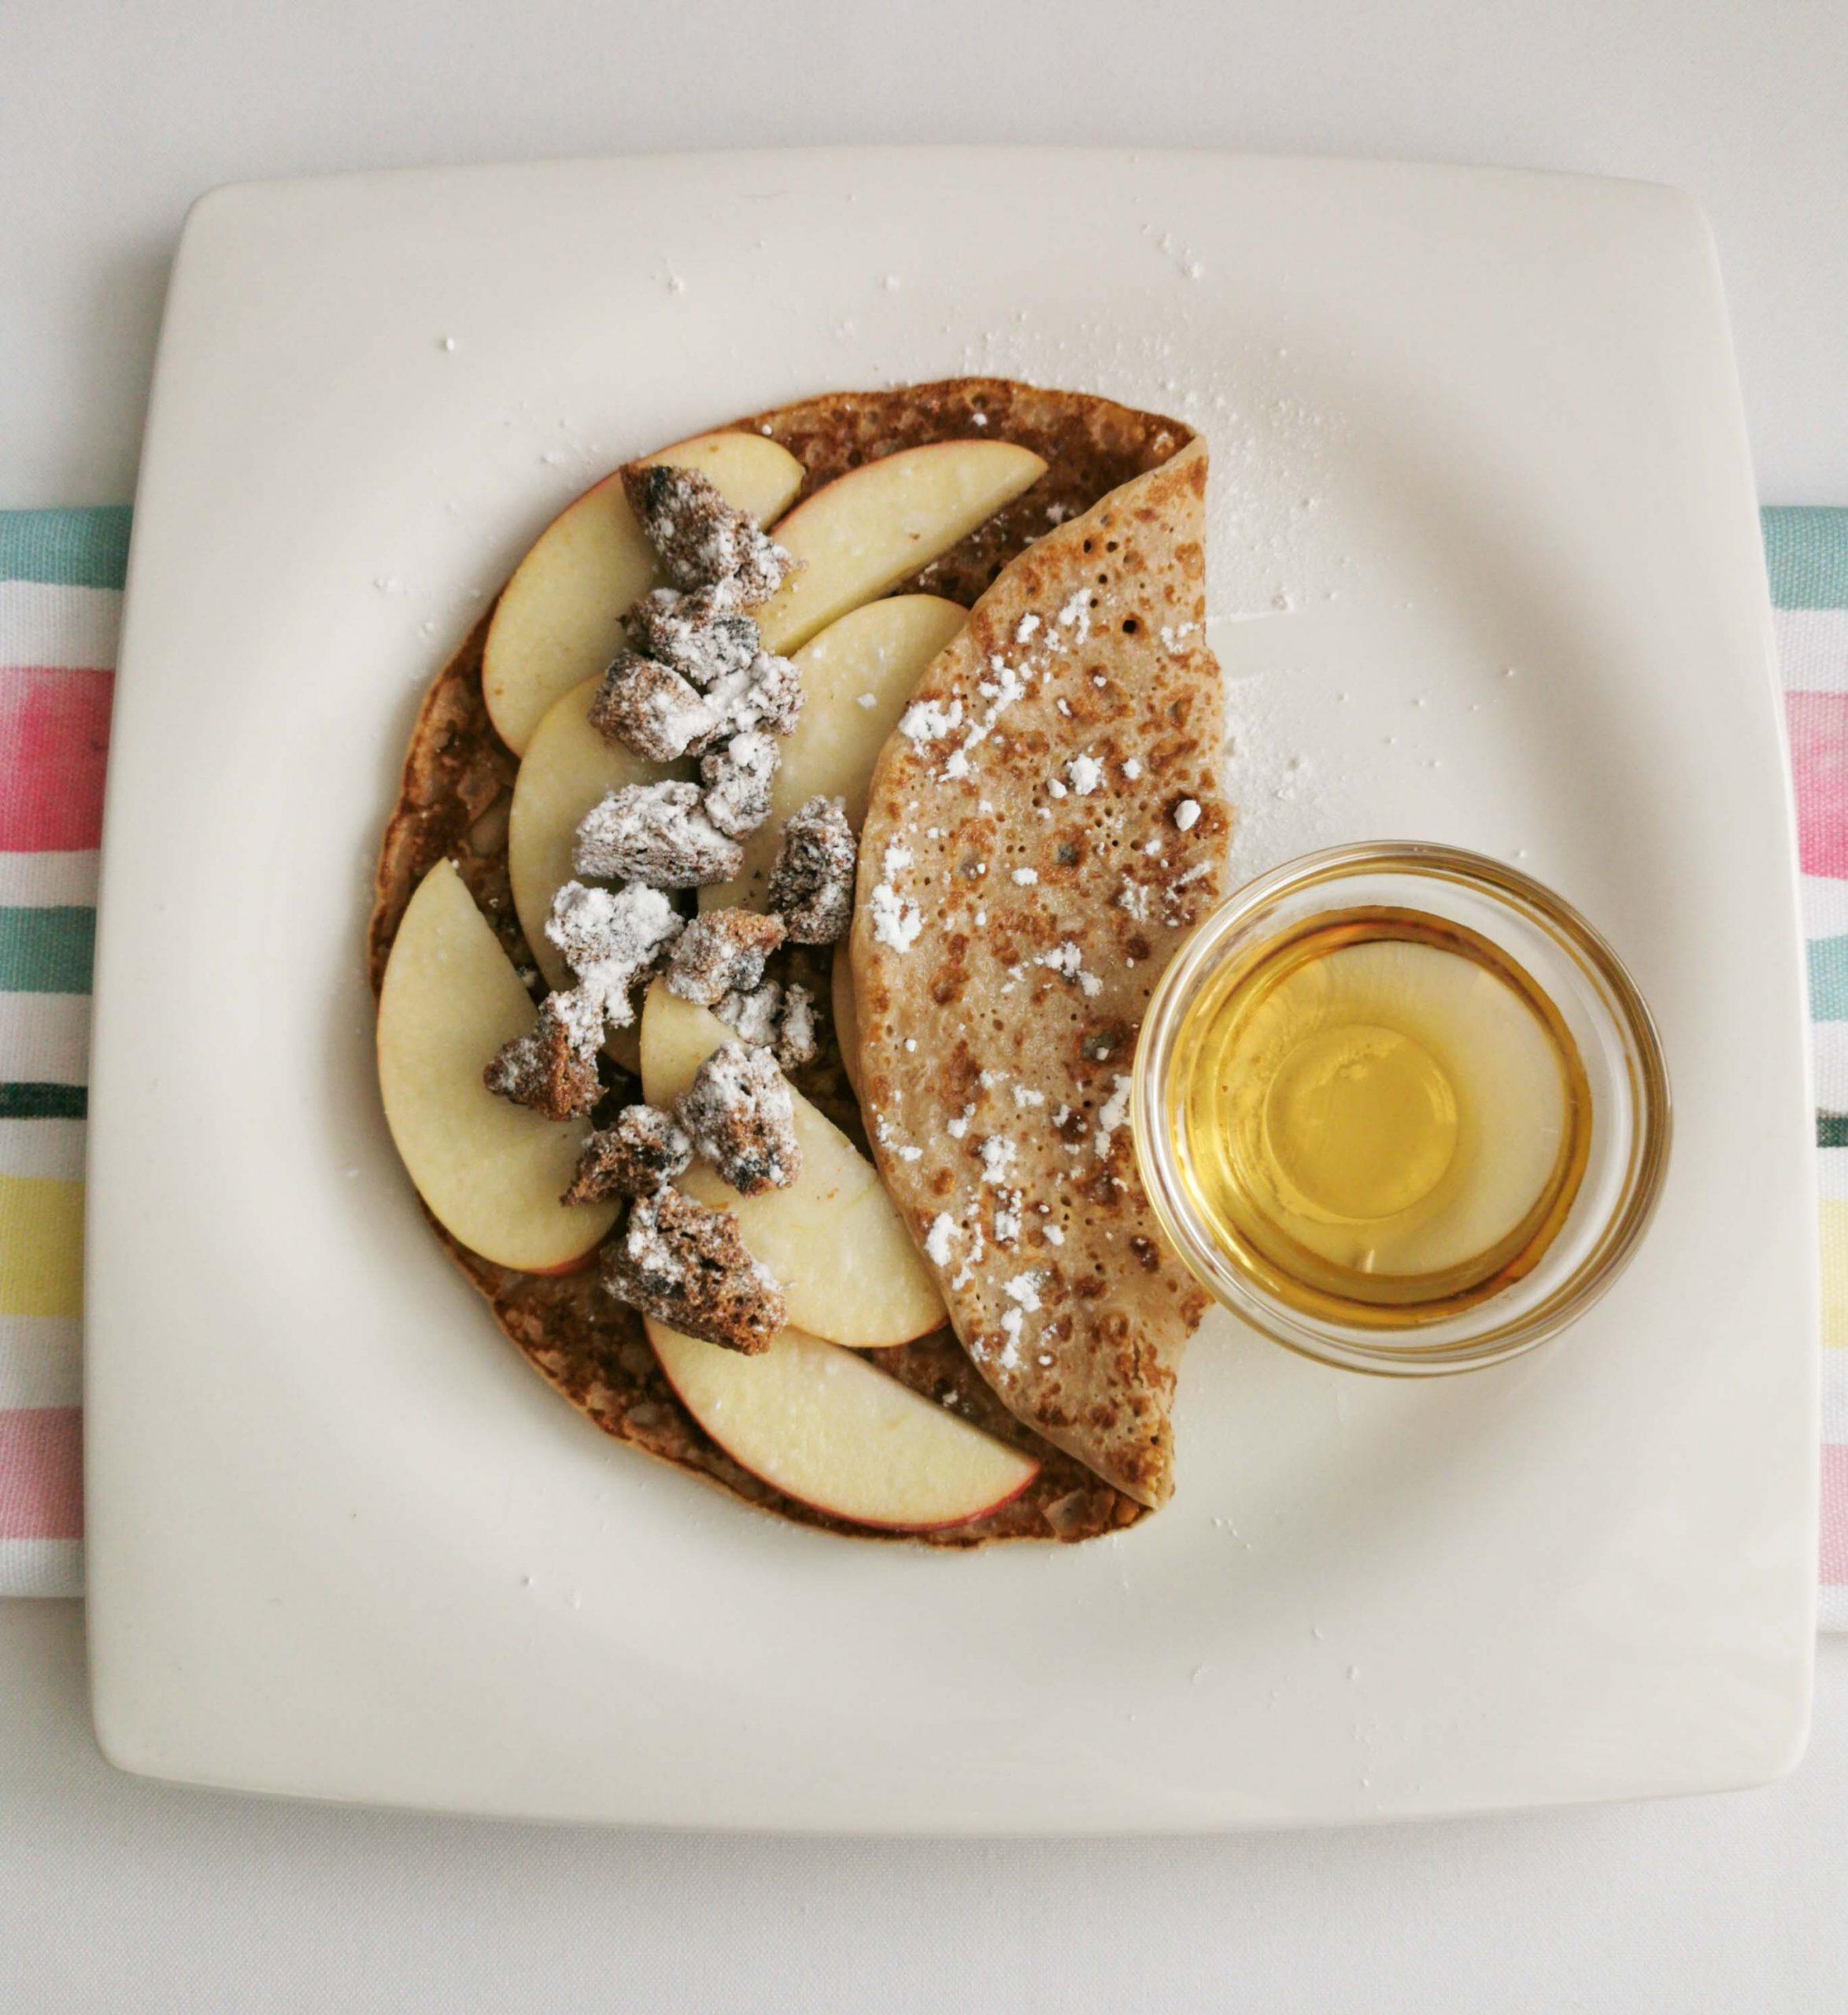 pannenkoek met appel, koekjes en hazelnootsaus